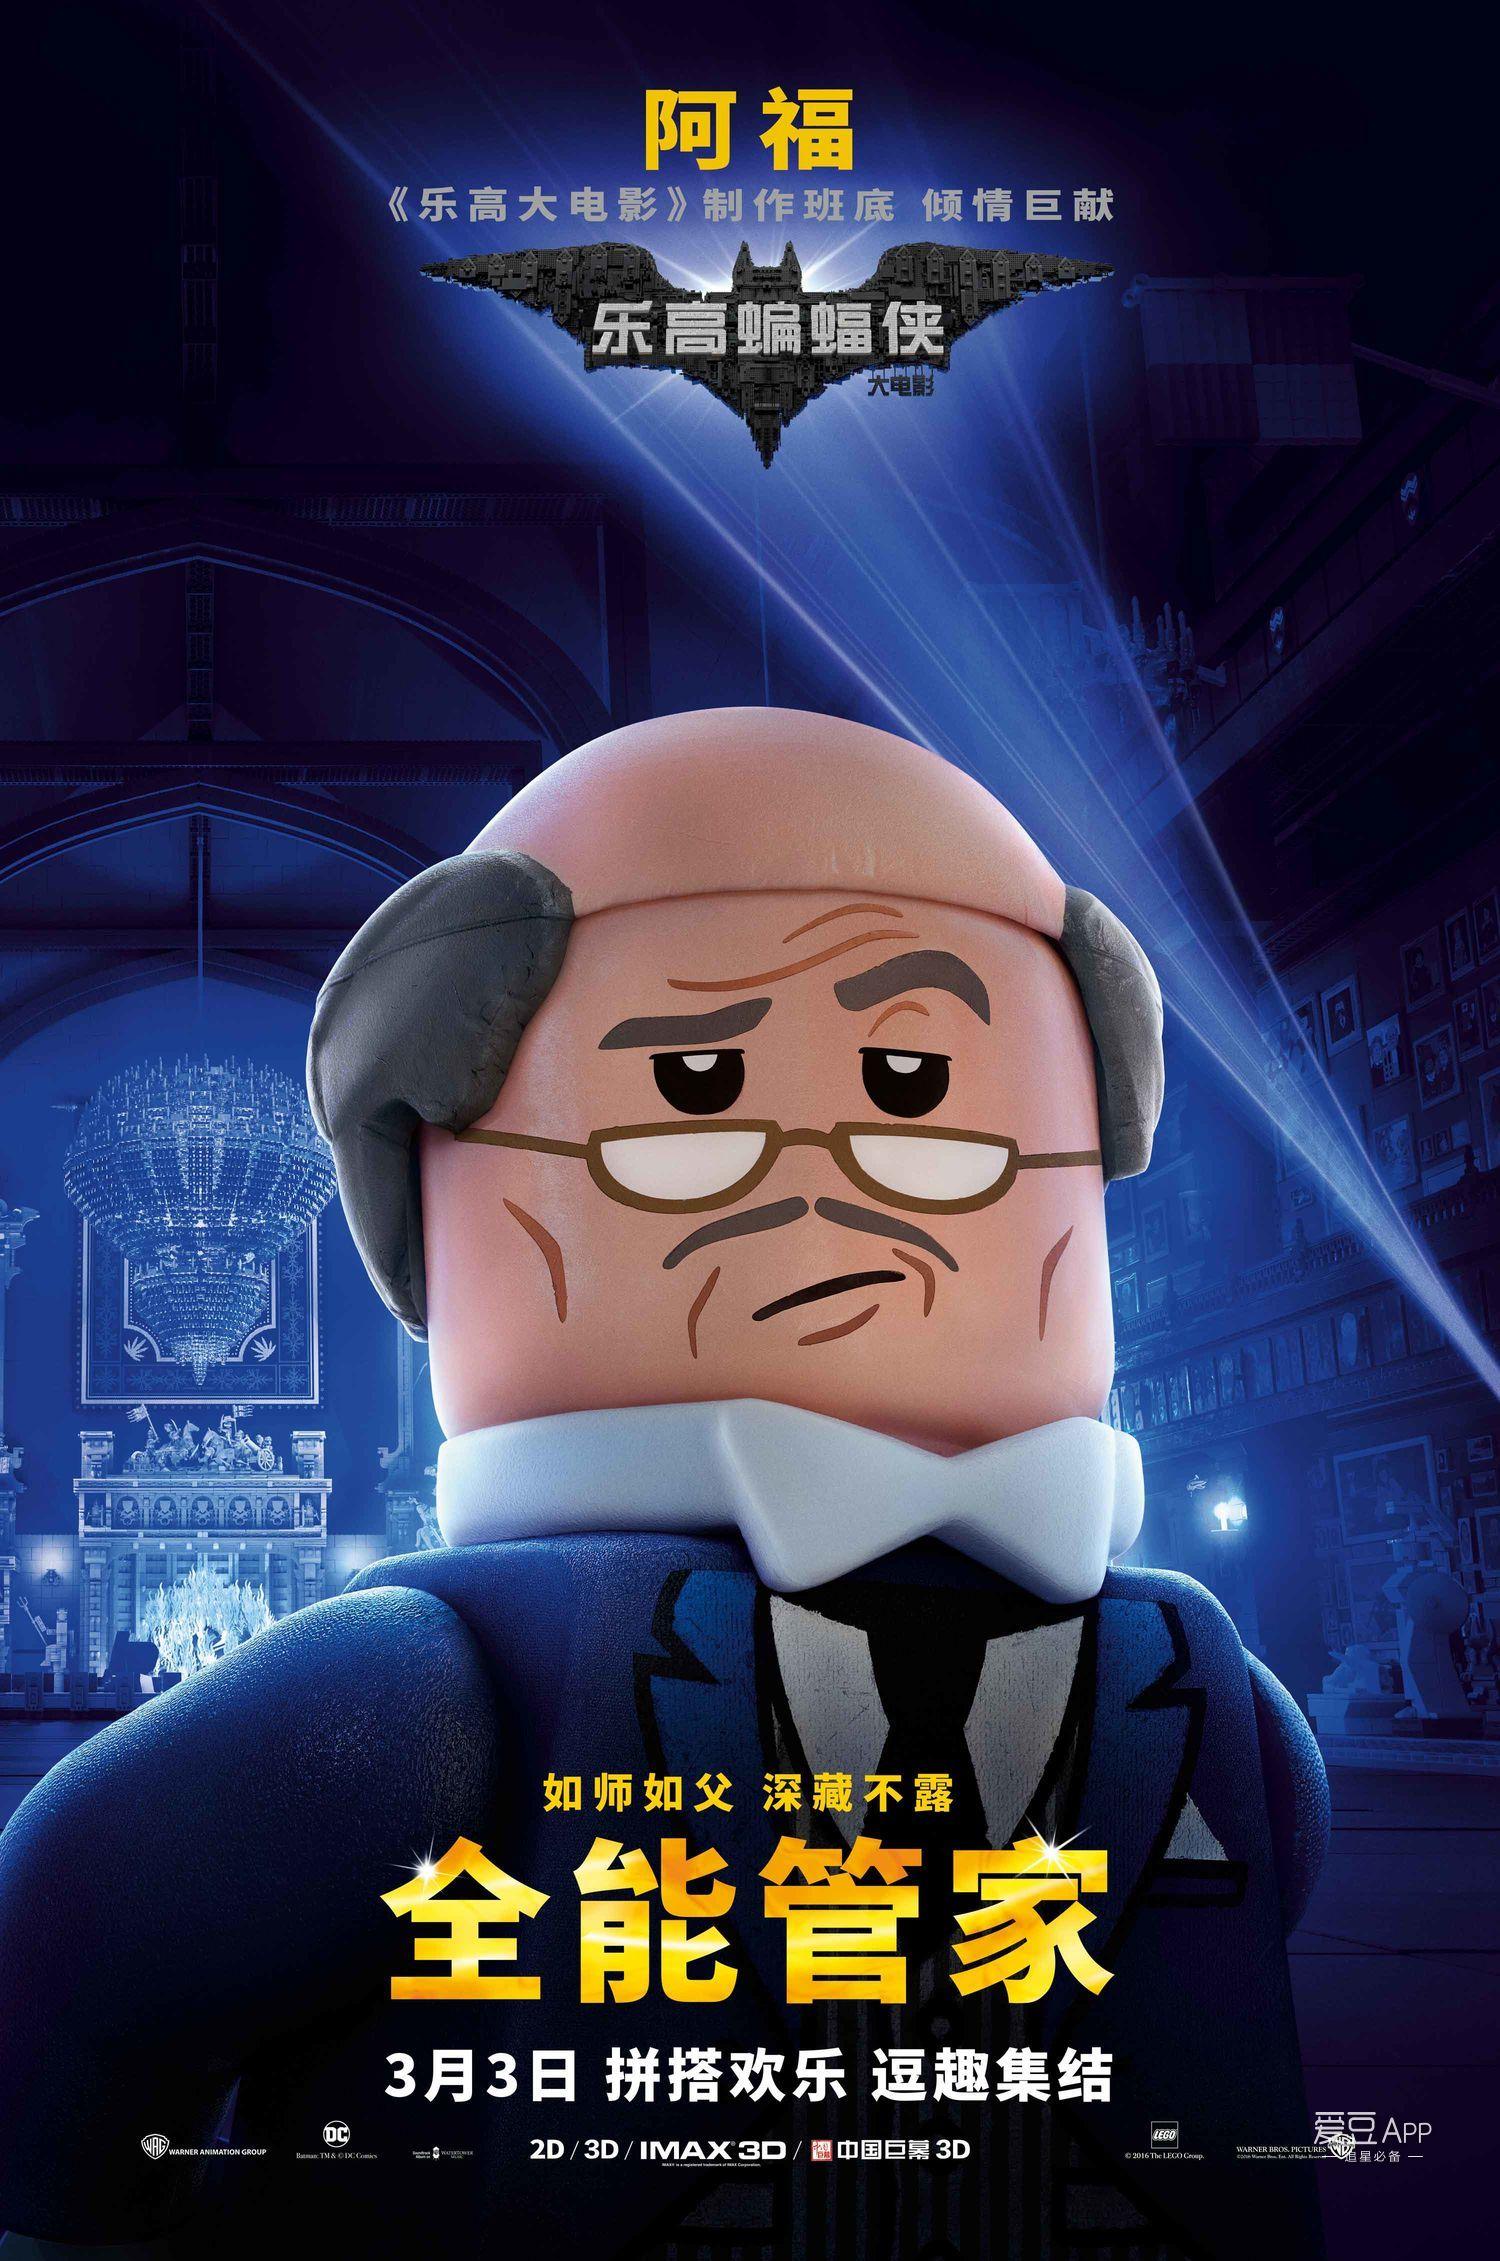 """[消息]《乐高蝙蝠侠大电影》曝光角色海报 黑暗骑士化身""""冷幽默小王子"""